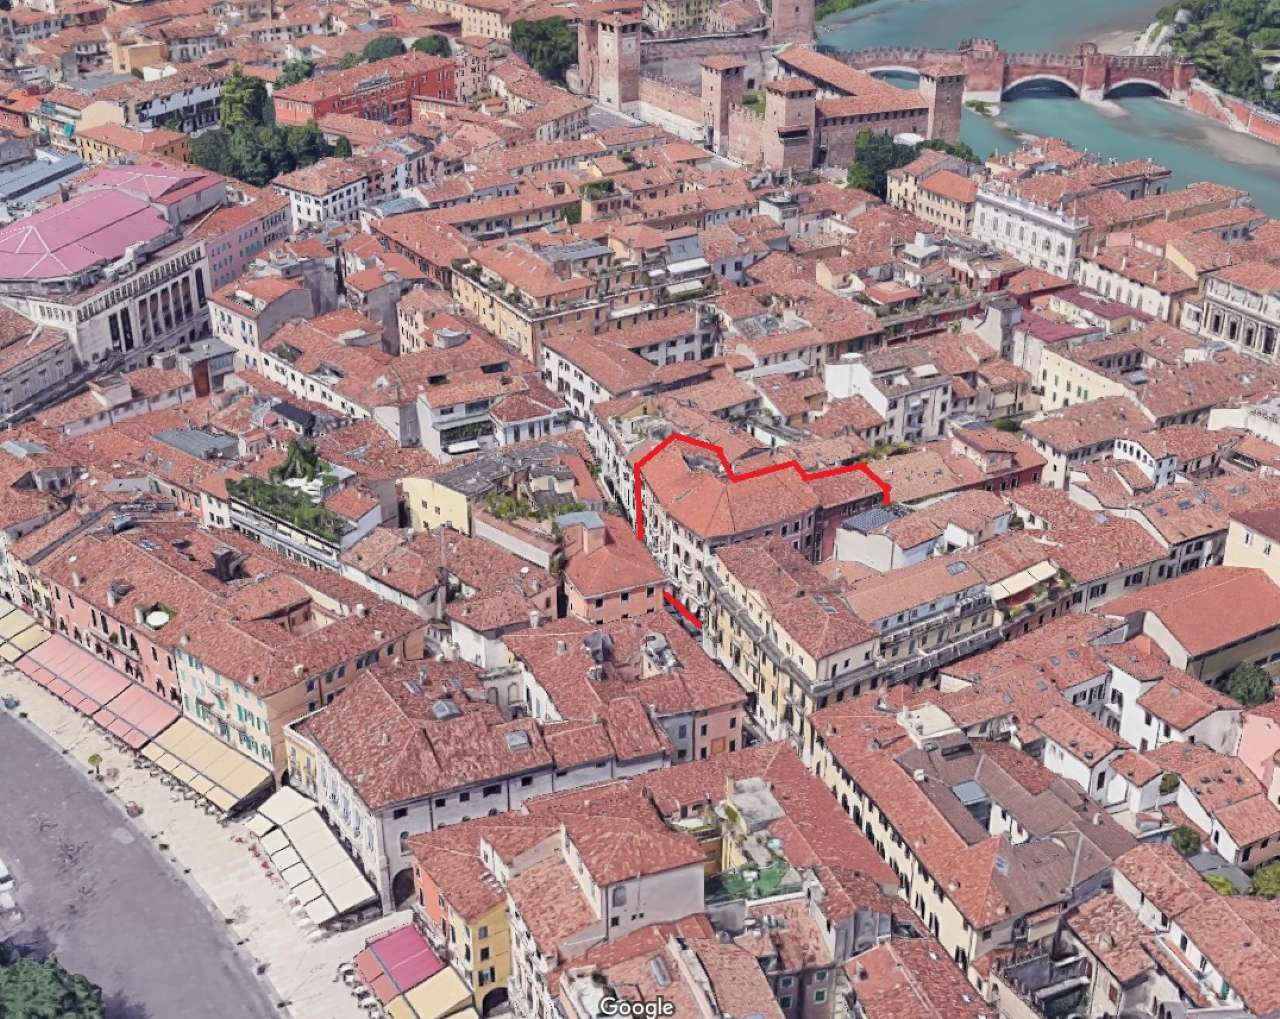 Trilocale, Vicolo Disciplina, centro storico, Verona, foto 17